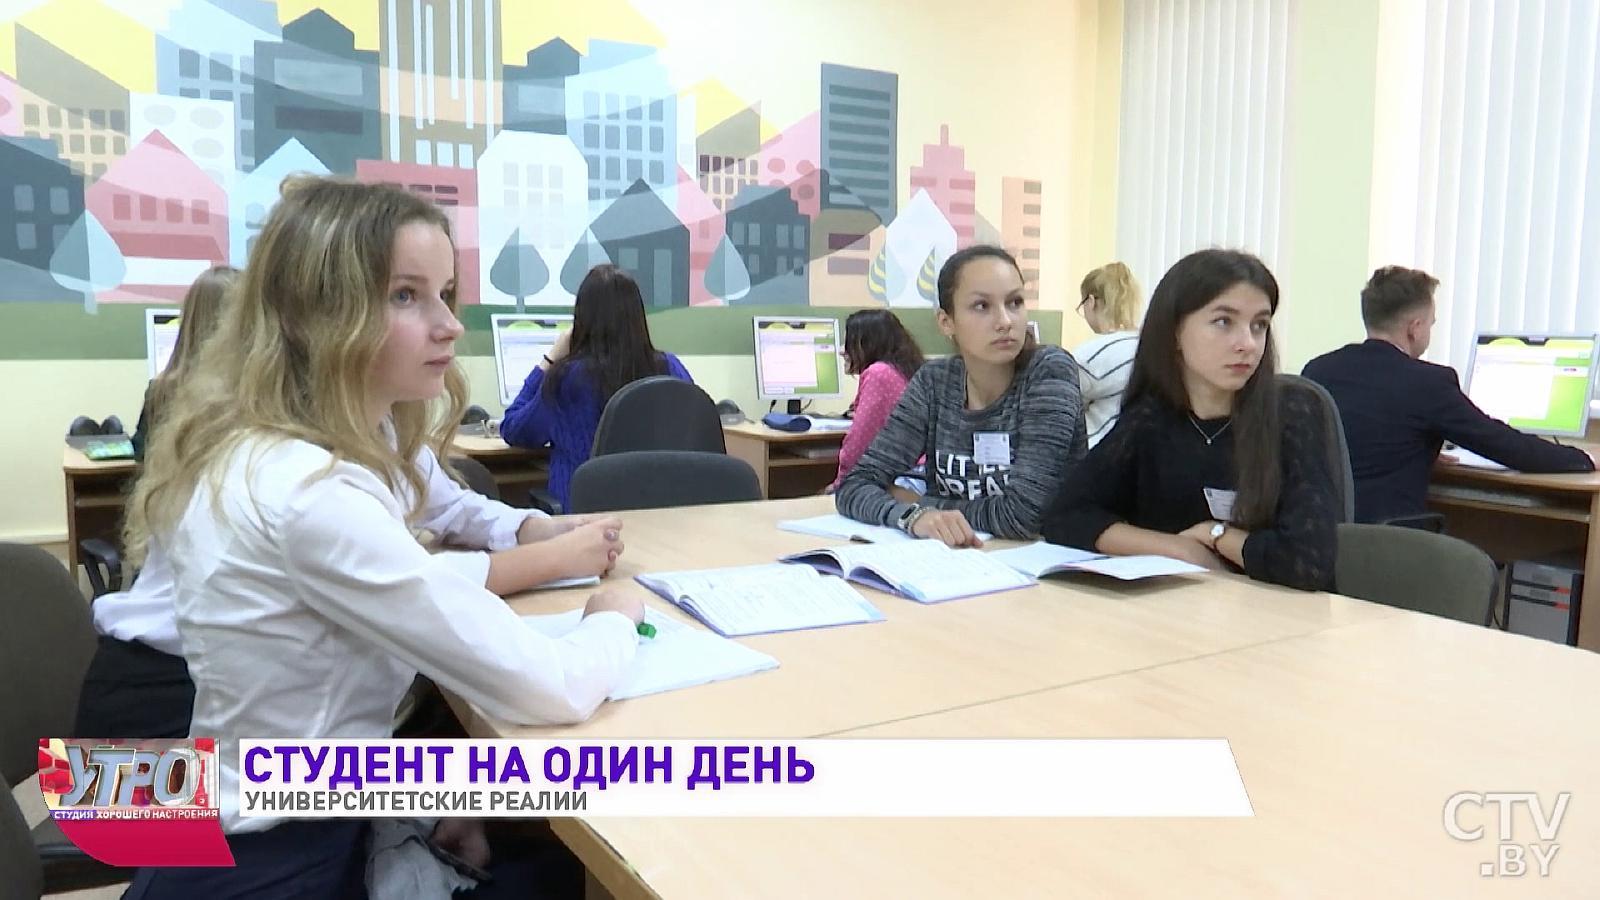 СТВ| Проект «Студент-на-один-день в БГПУ»